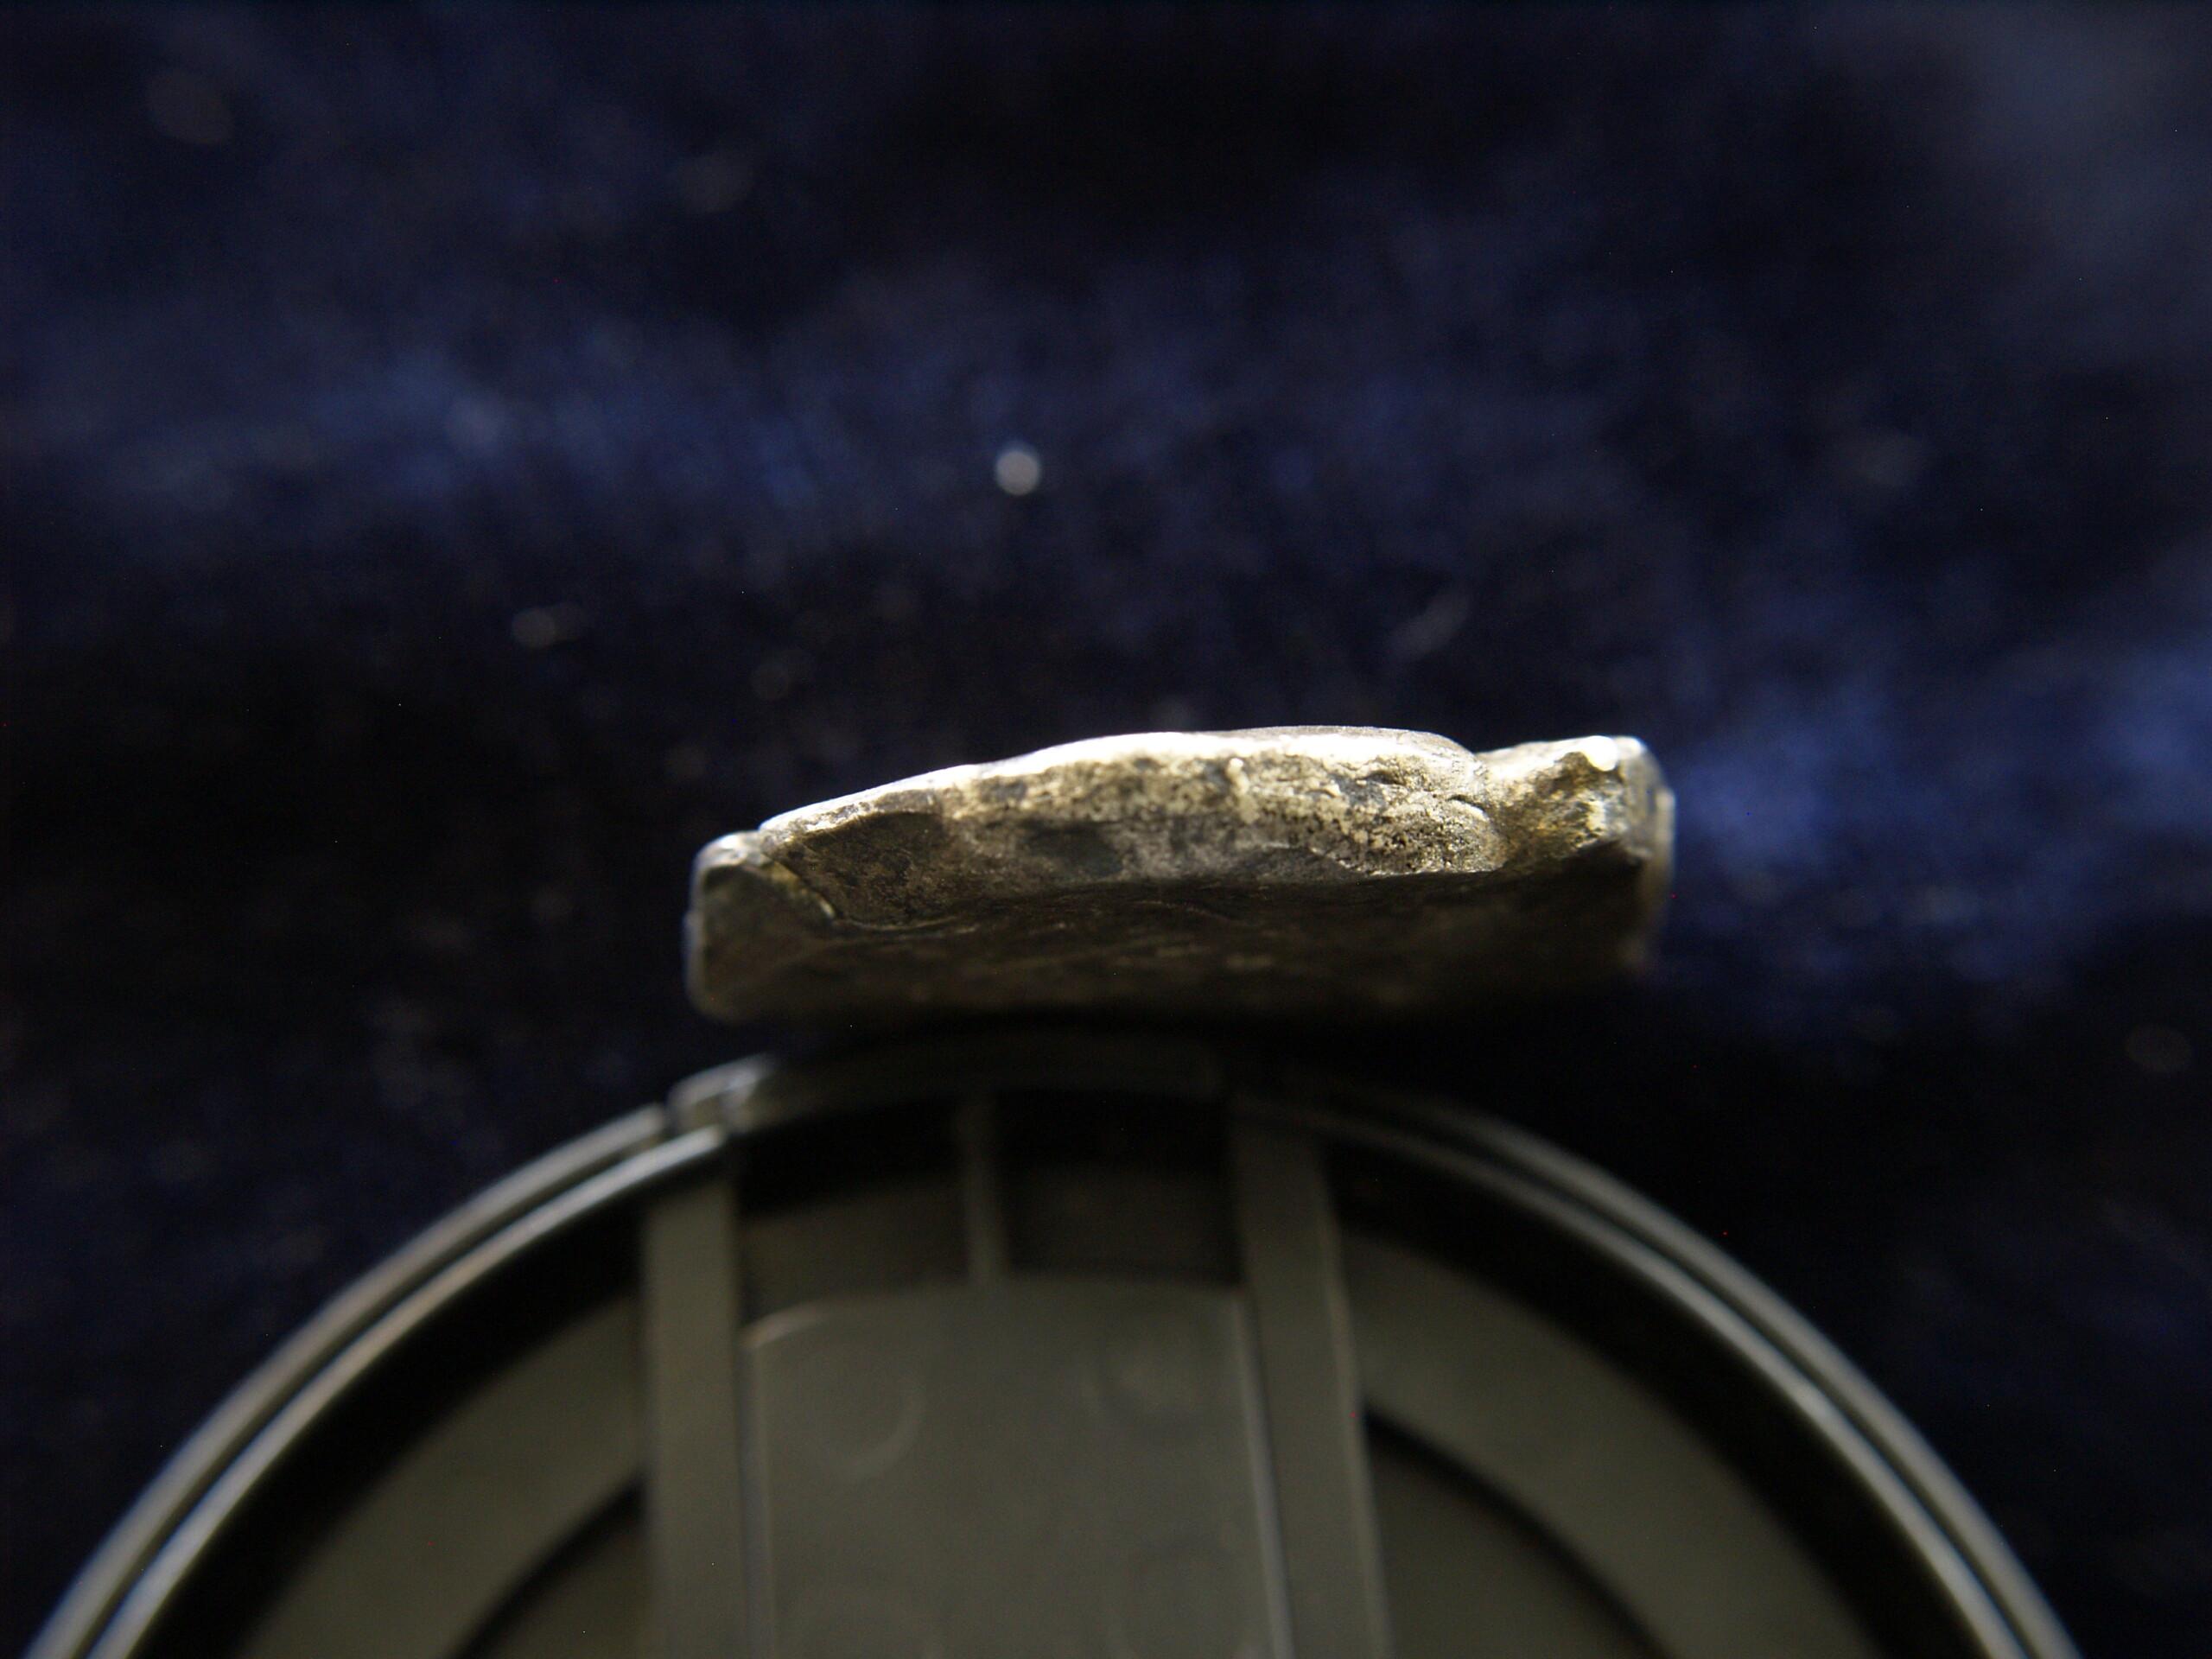 Identificación de ceca - 8 reales macuquinos de 1748 _1019225